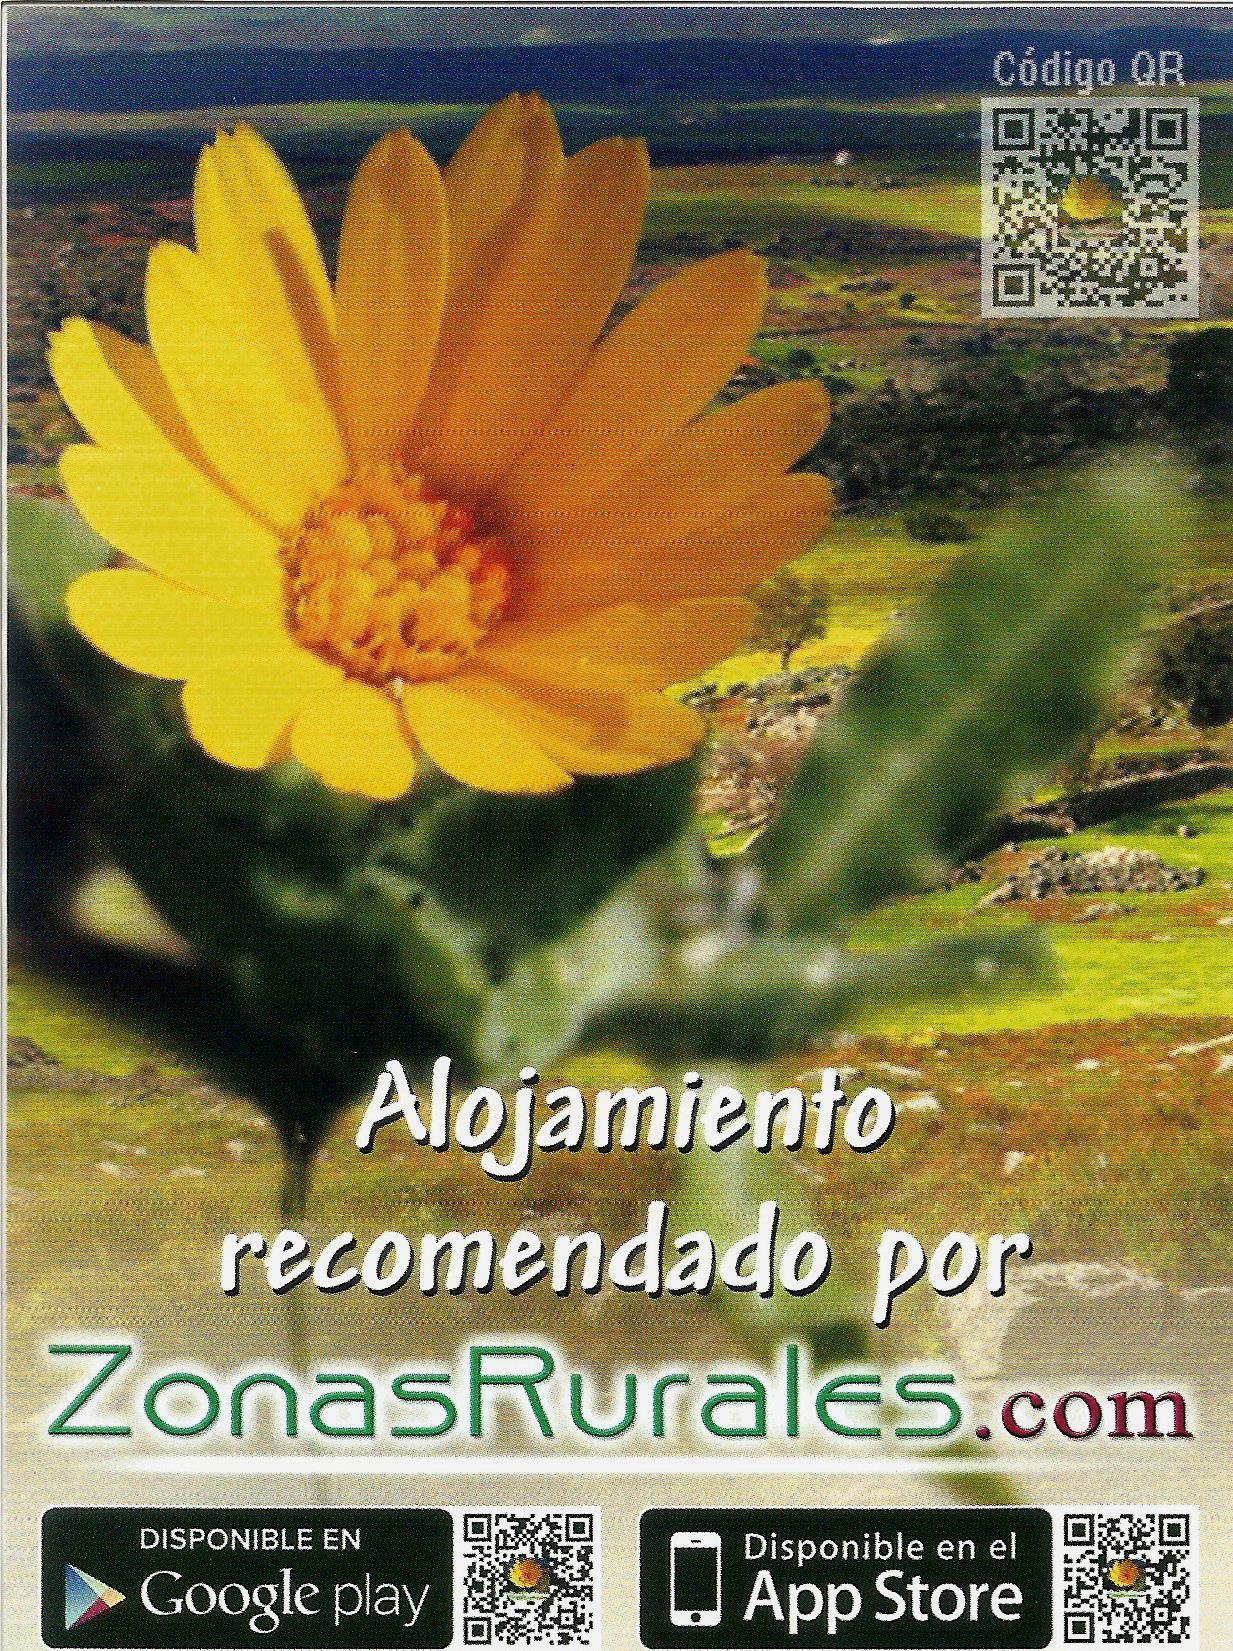 Recomendado por zonasrurales.com